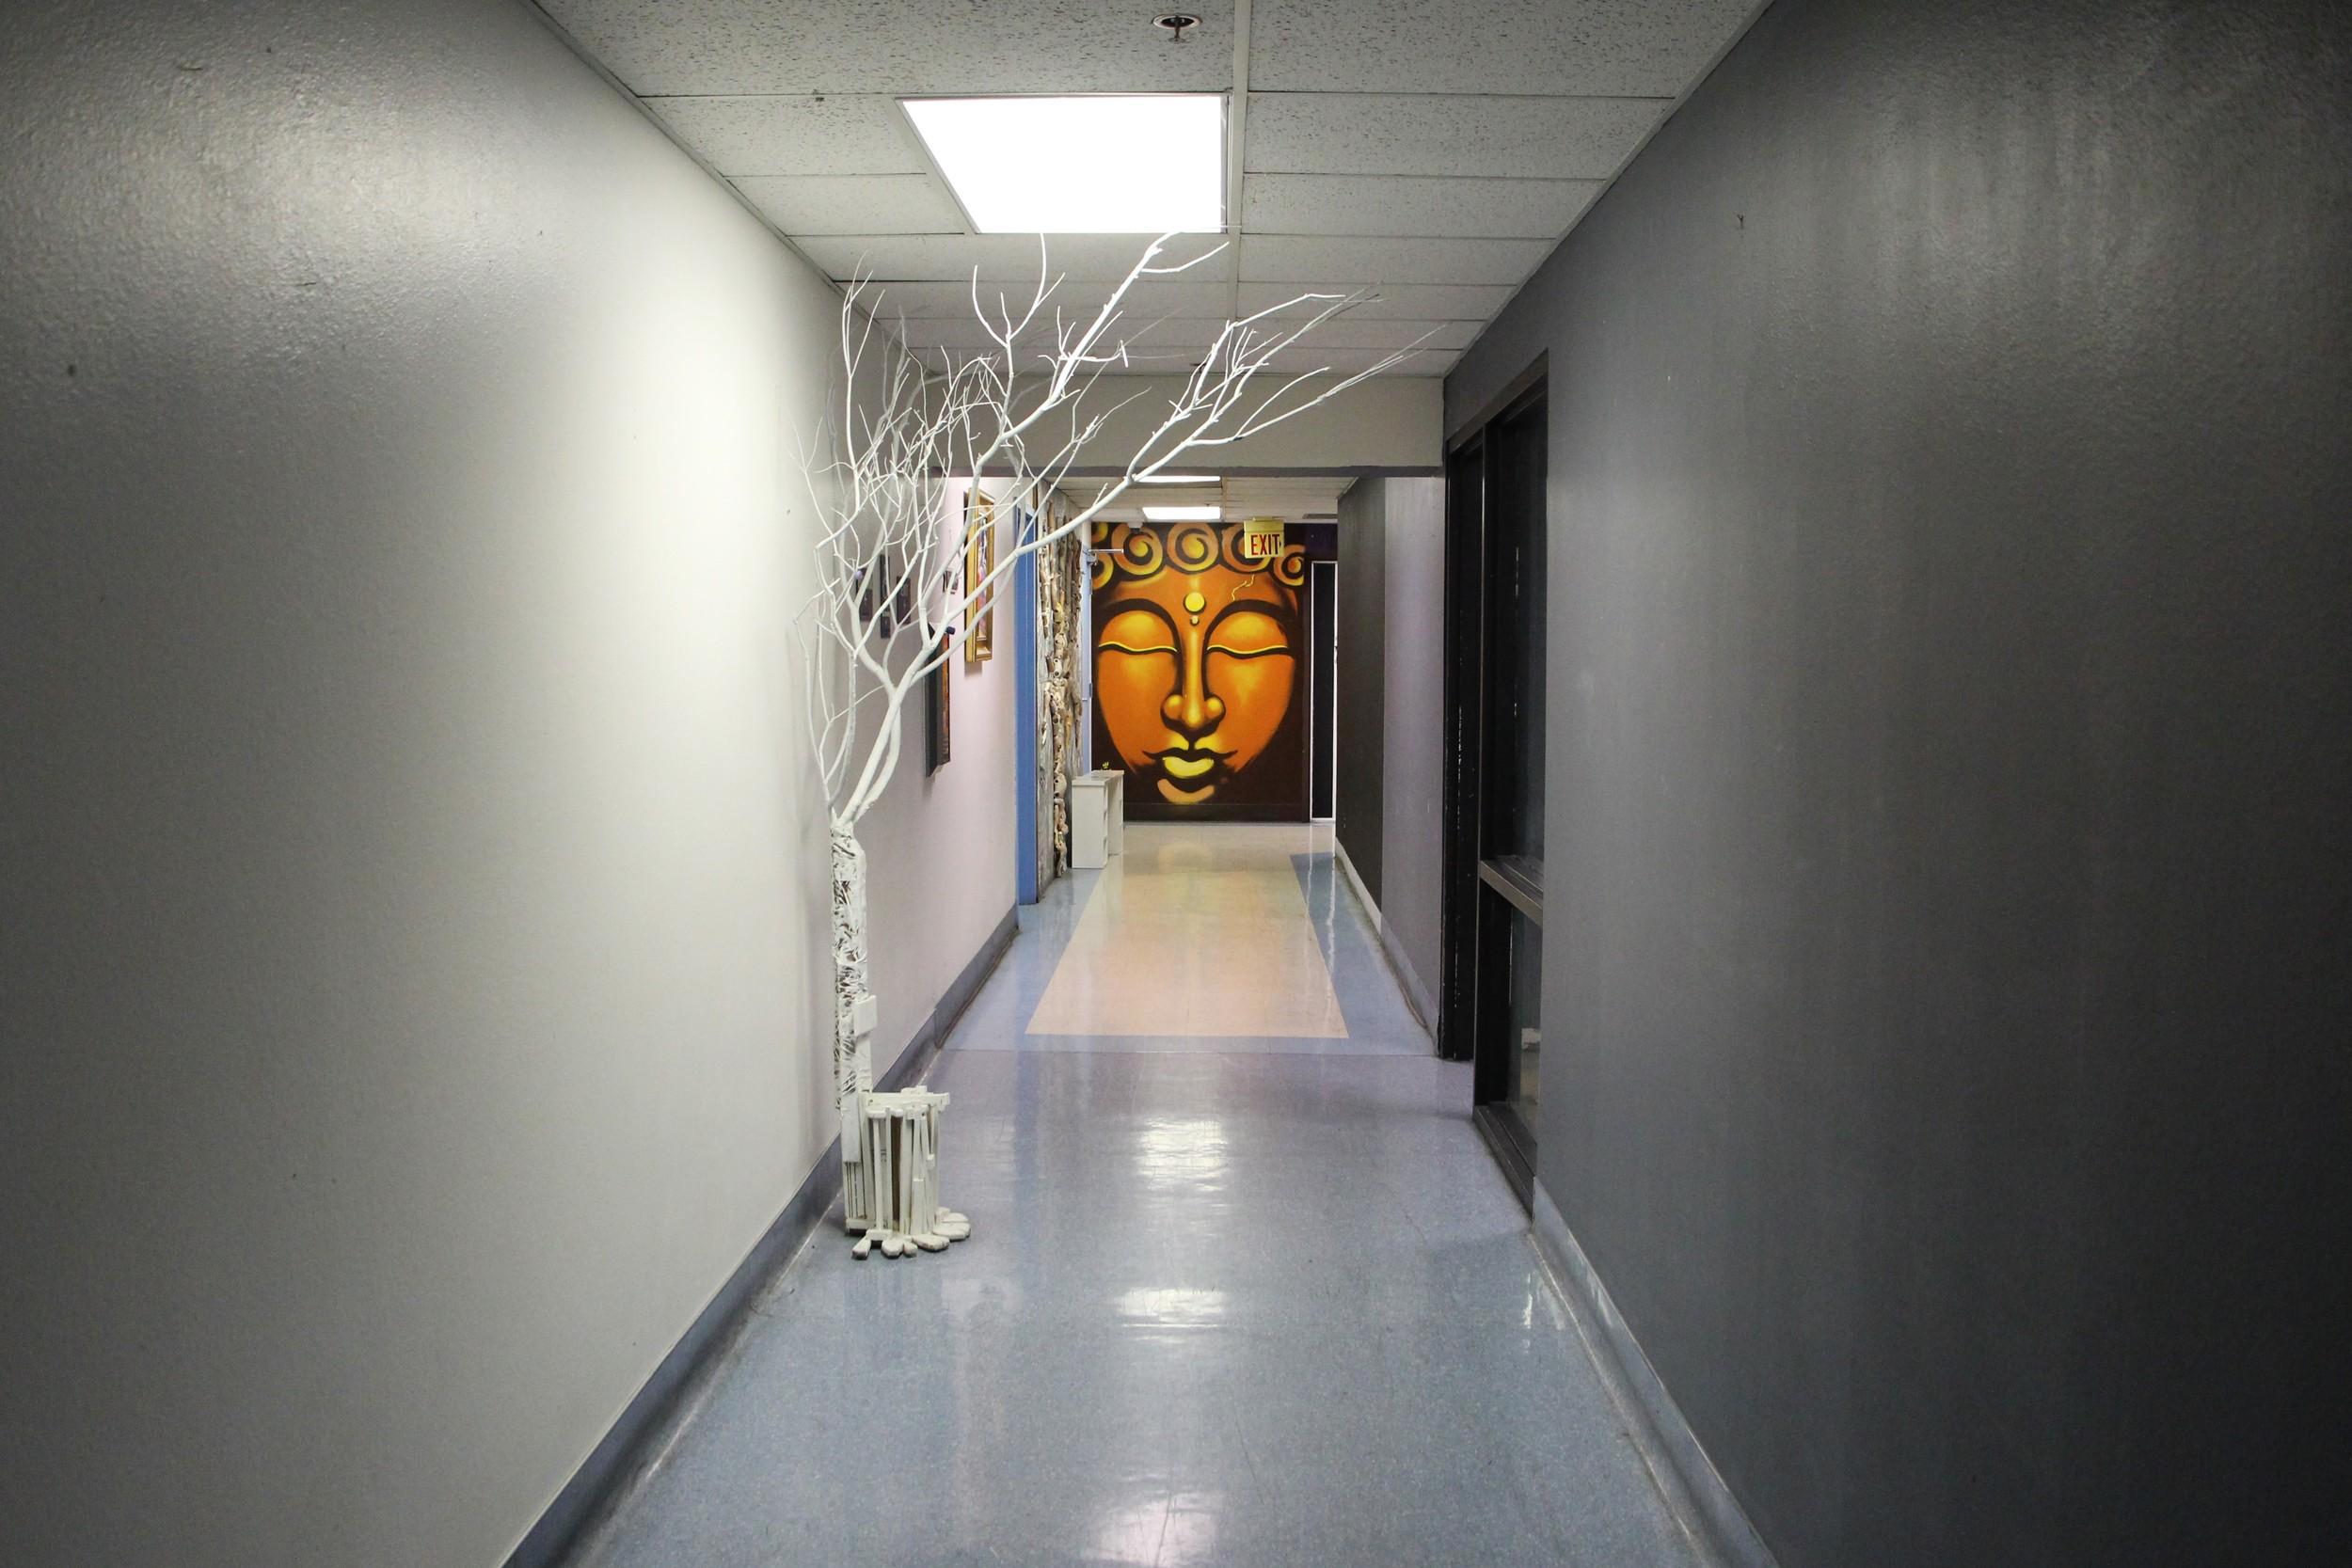 Favorite Hallway. Favorite art space.